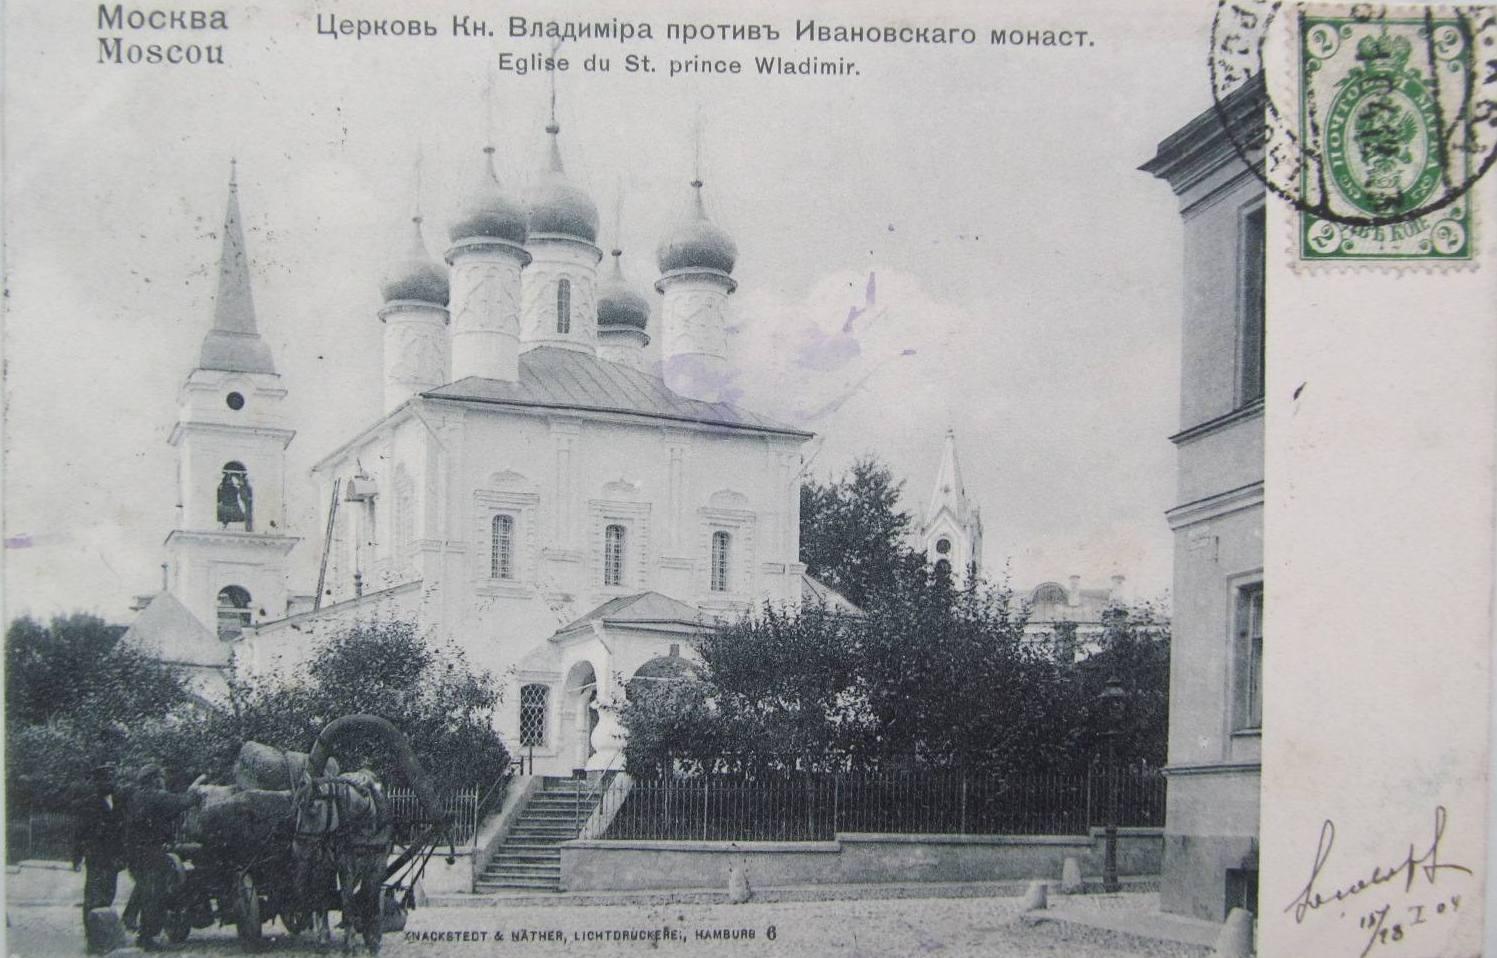 Церковь Князя Владимира против Николаевского монастыря